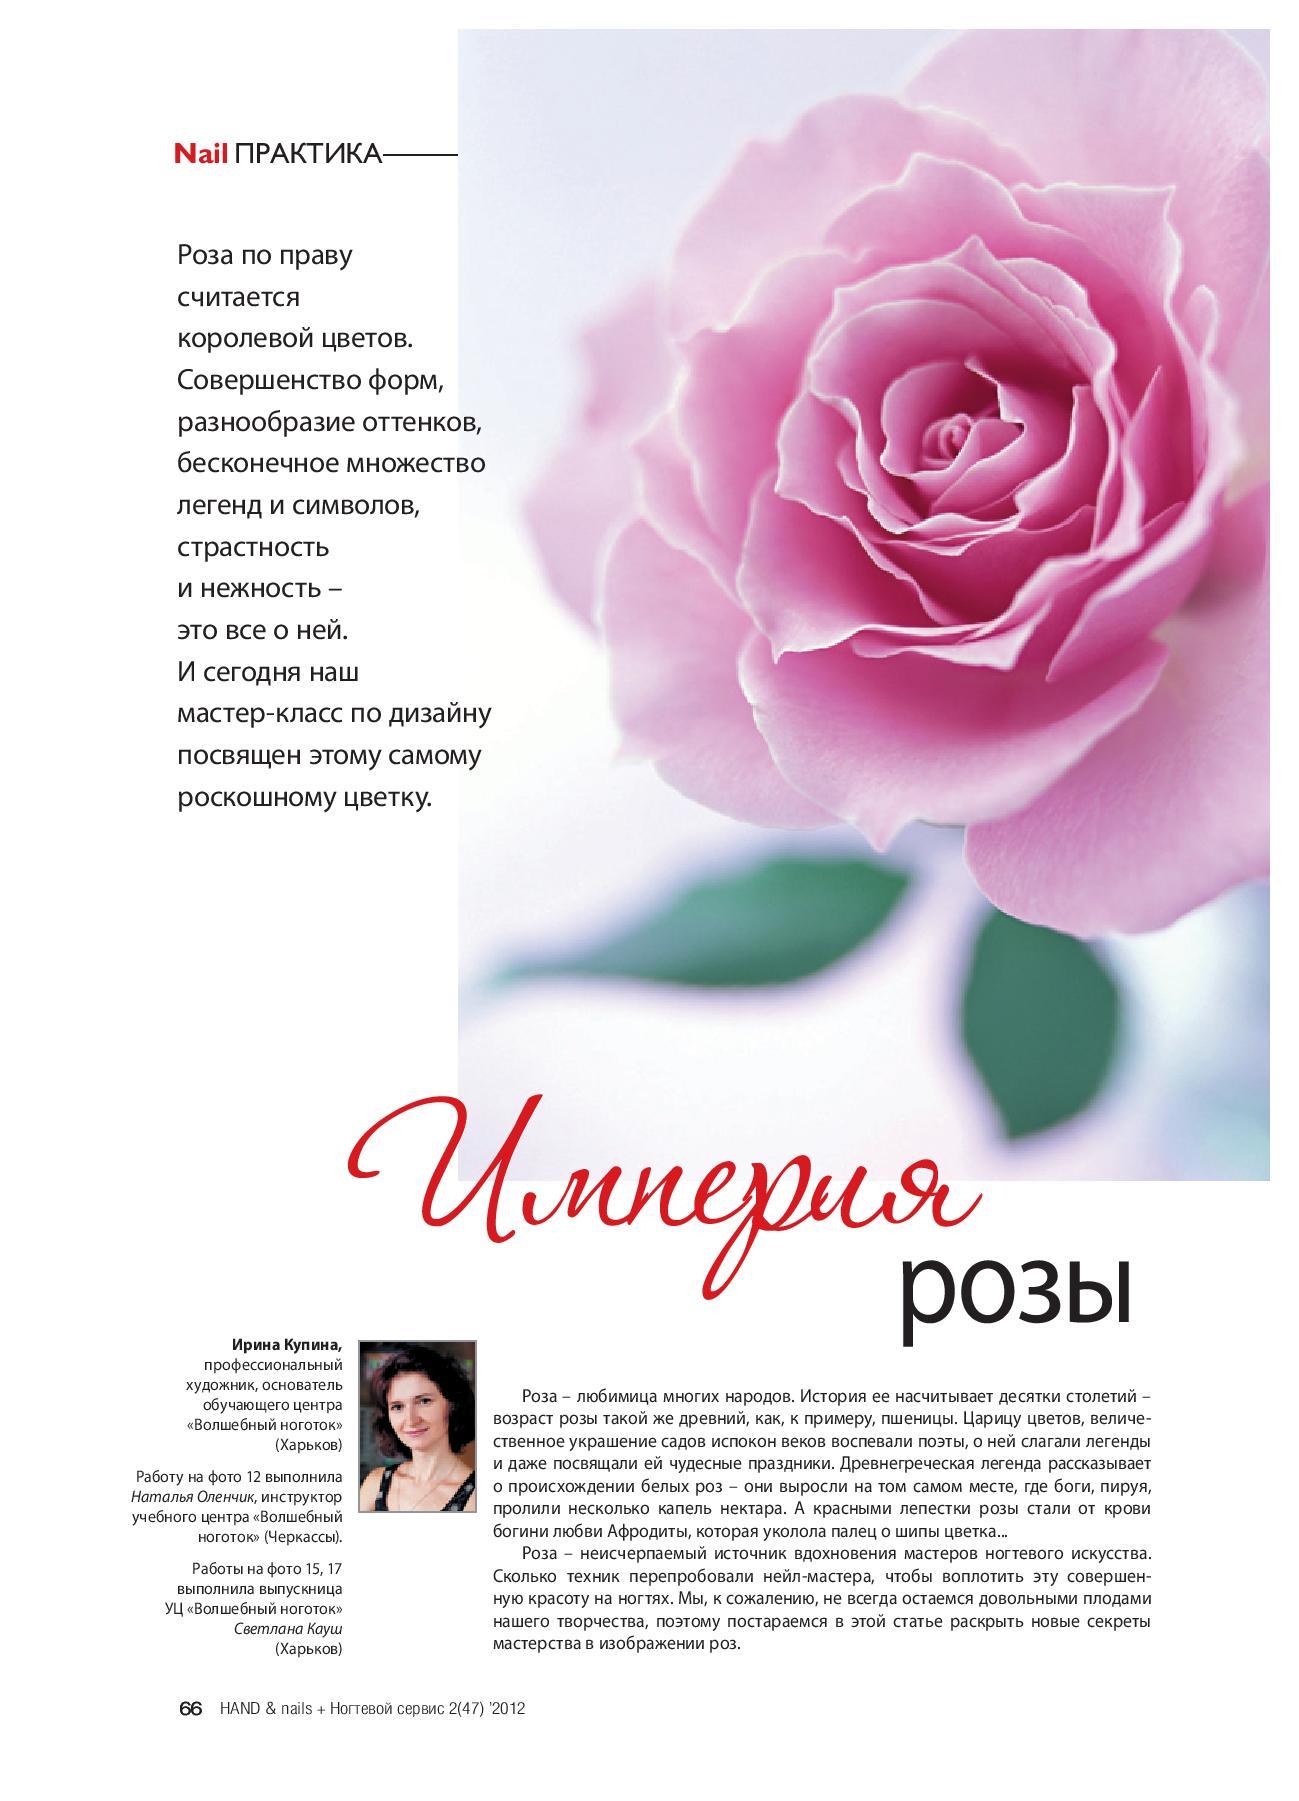 Как нарисовать розу на ногтях в журнале HAND end nails + Ногтевой сервис